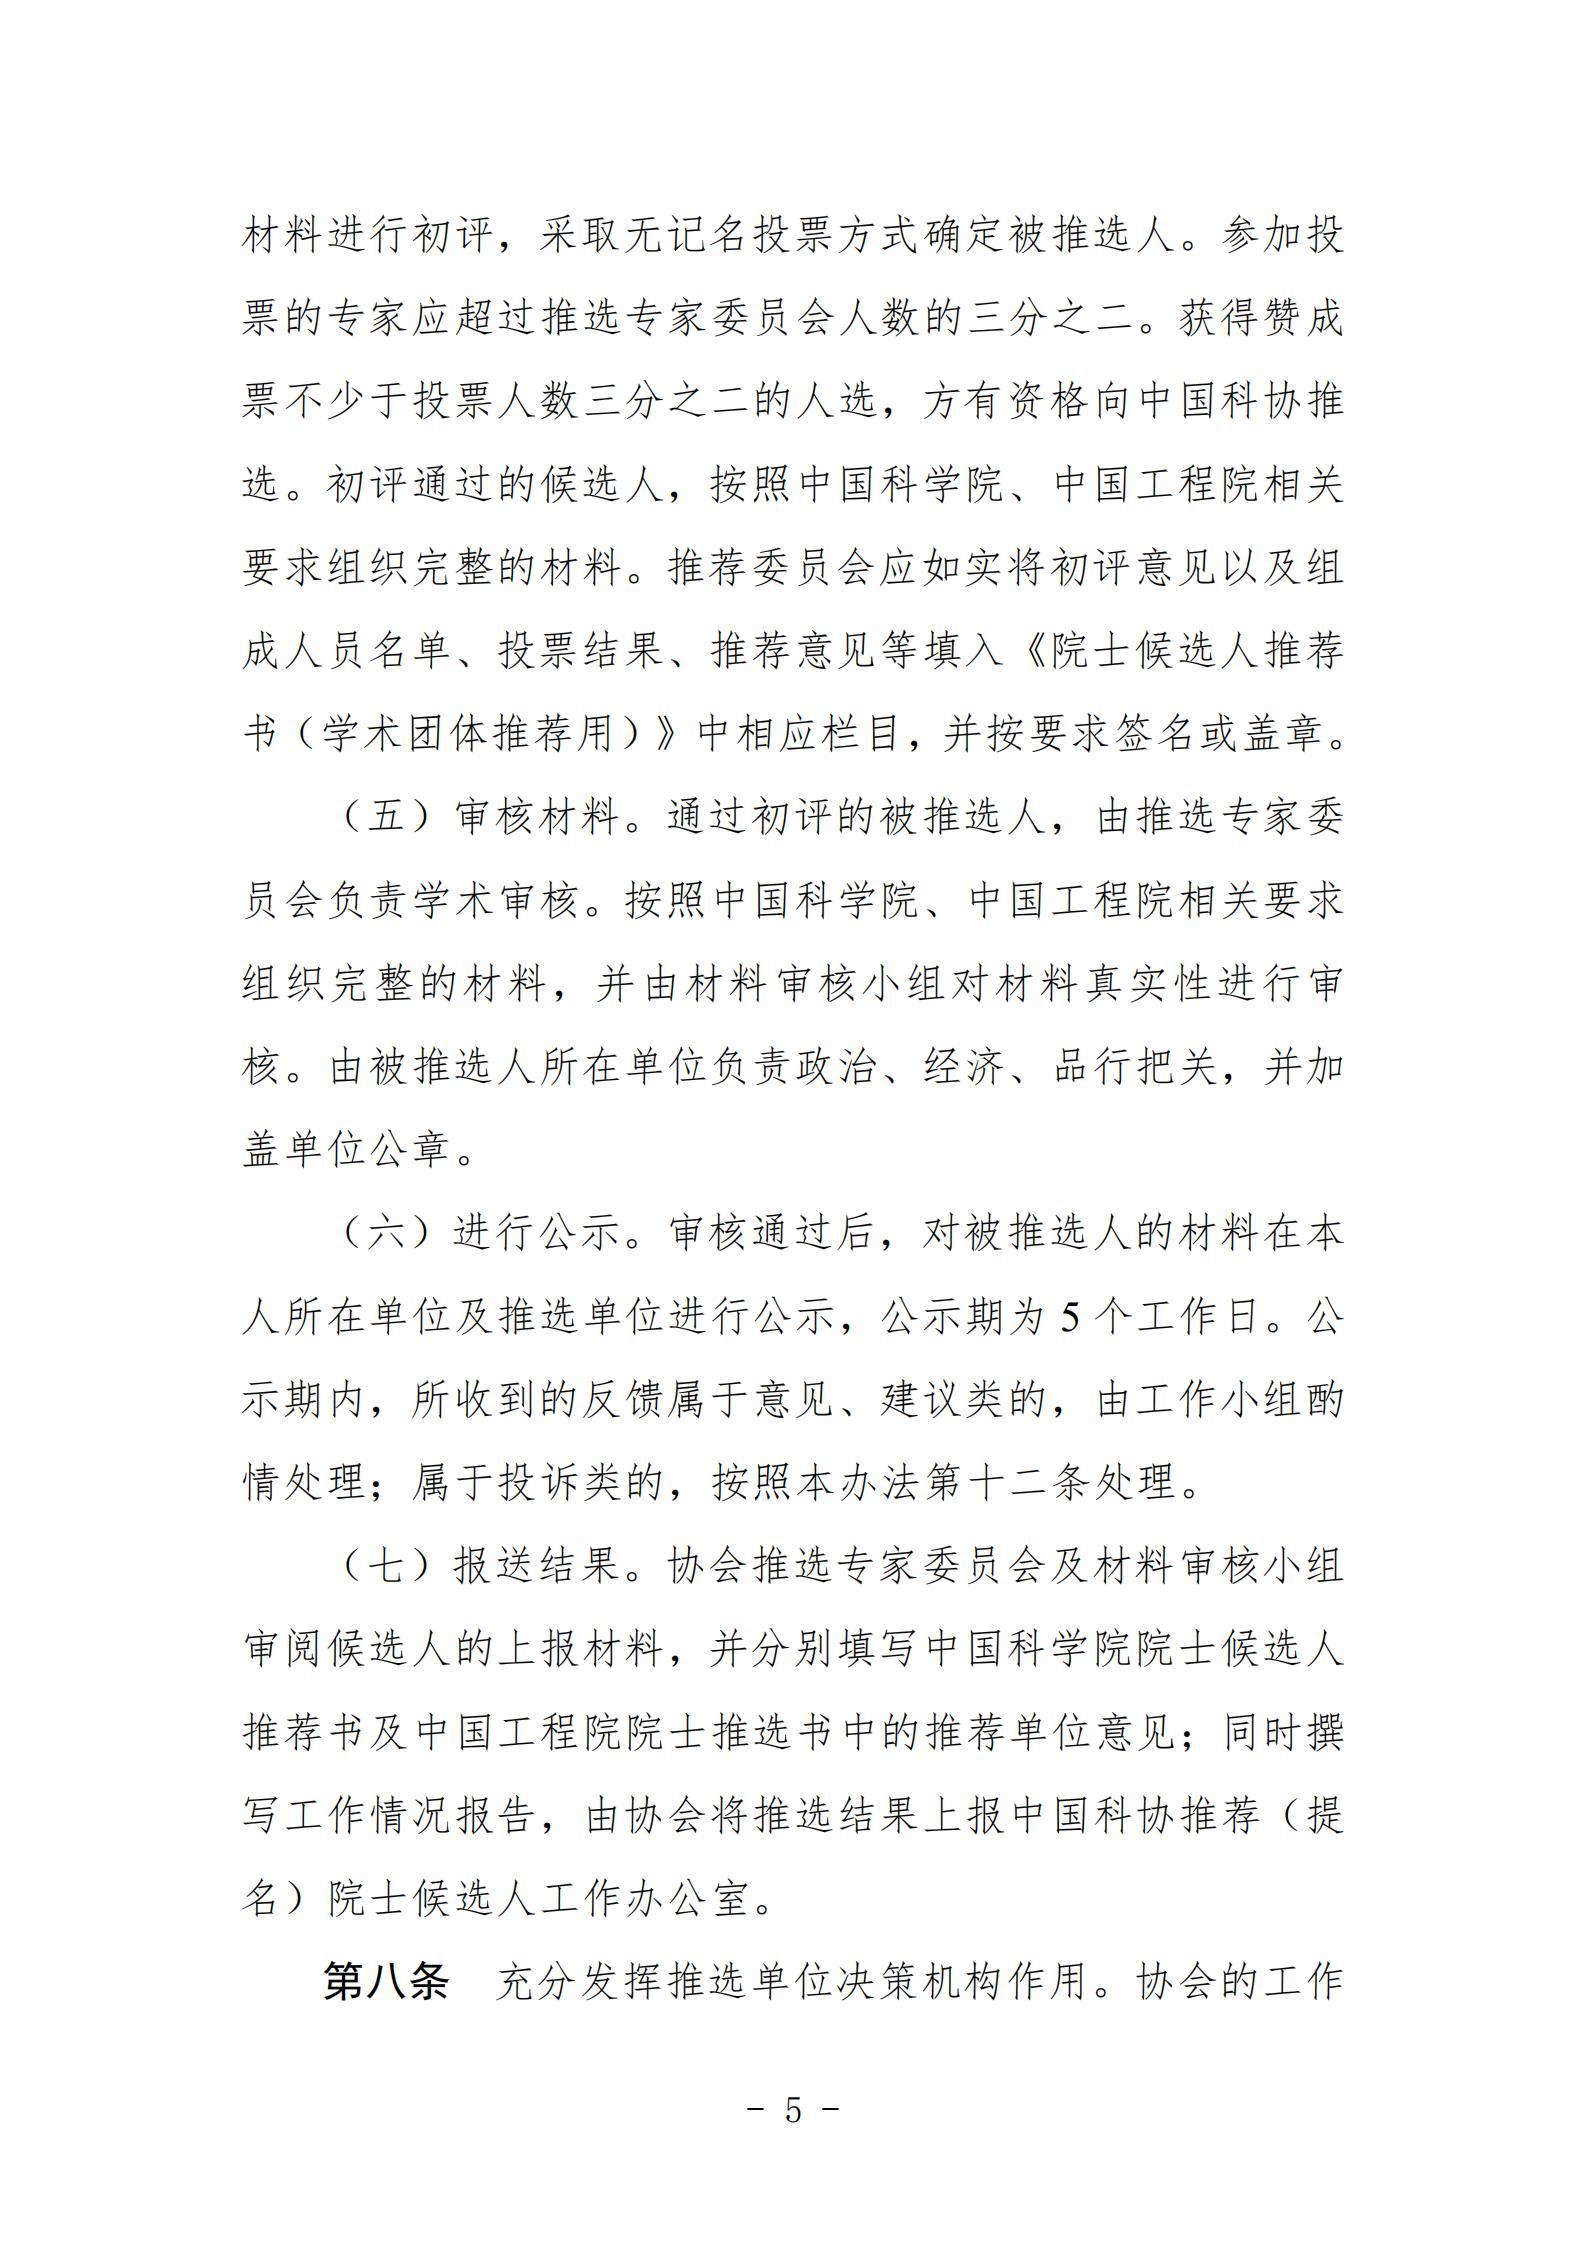 中國遙感應用協會關于組織推選2021年中國科學院和中國工程院院士候選人的通知_10.jpg